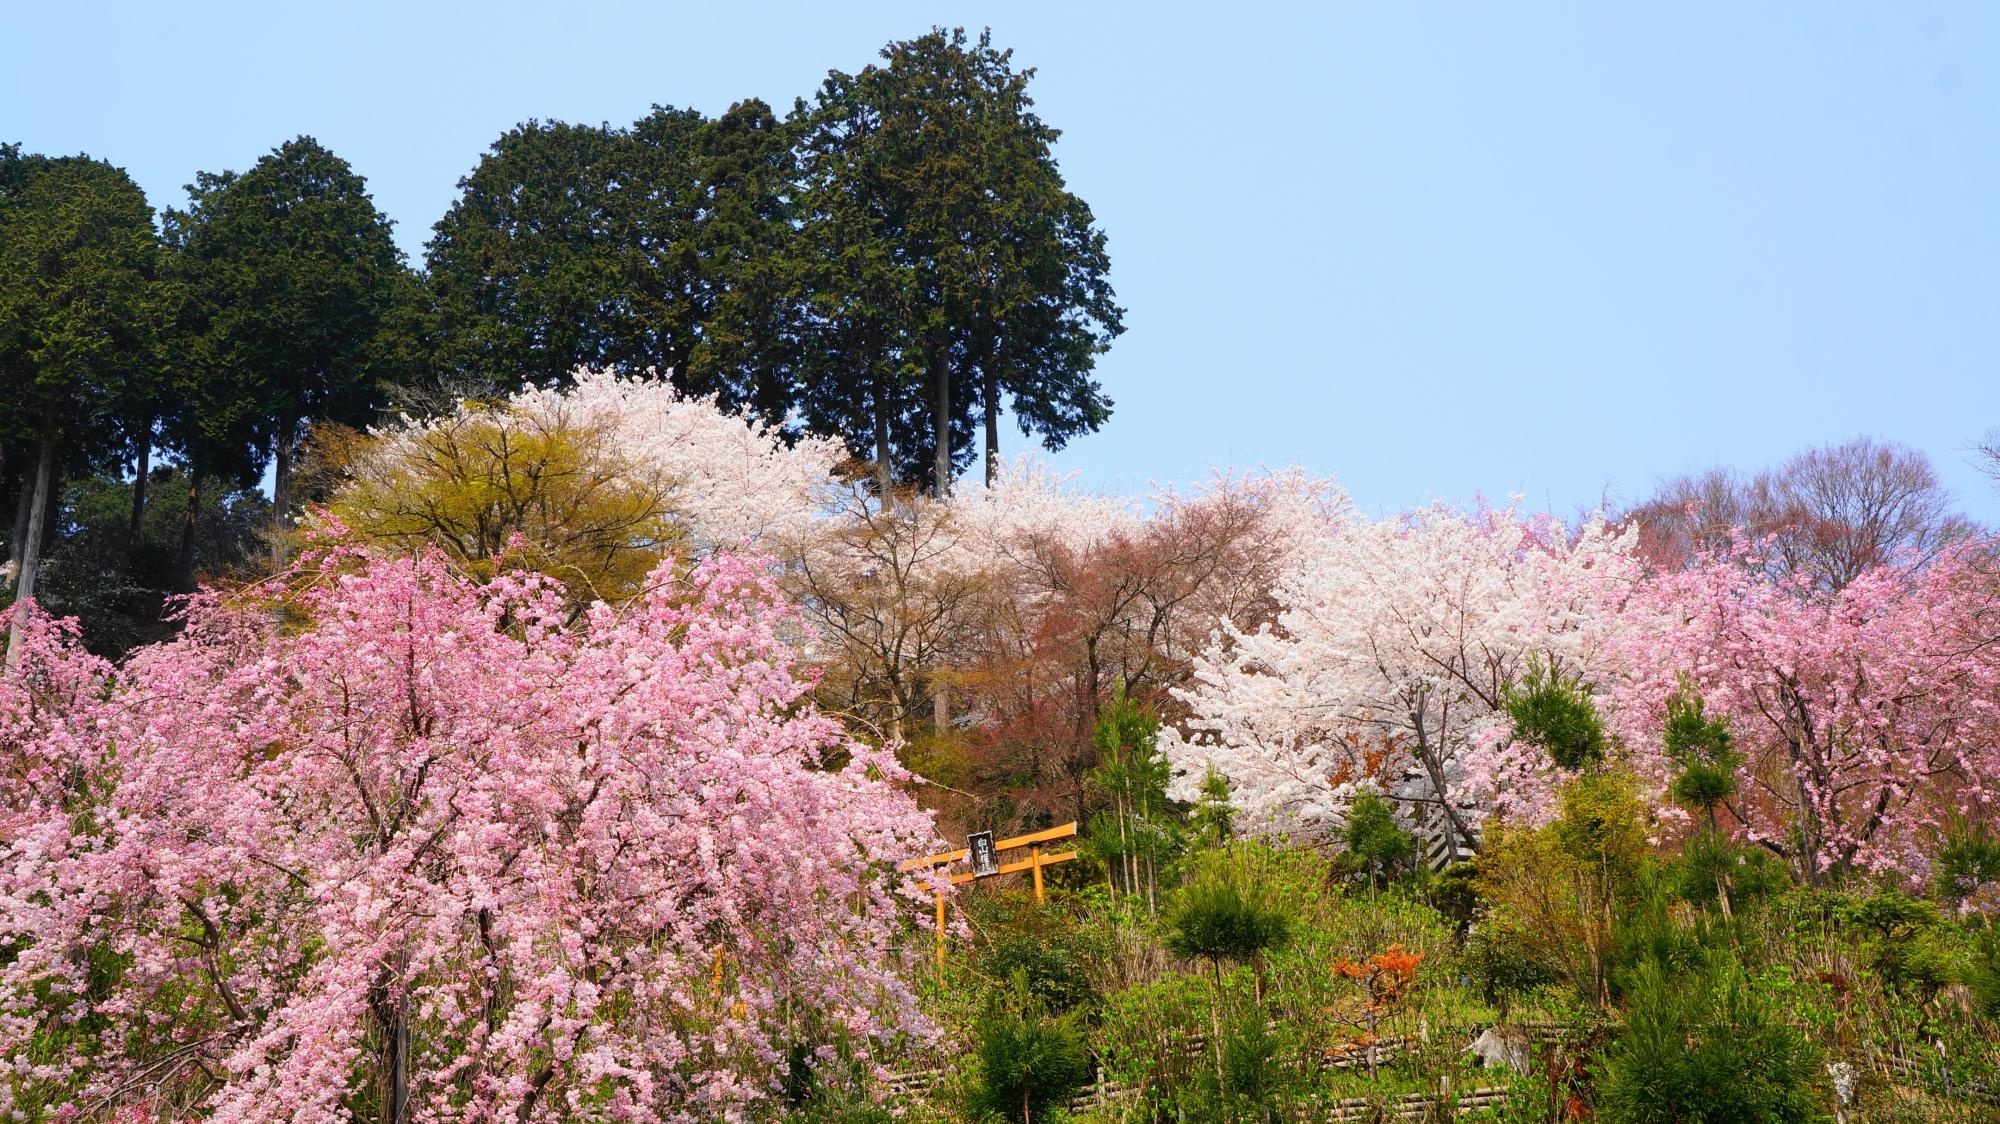 青空に映える華やかな色とりどりの桜